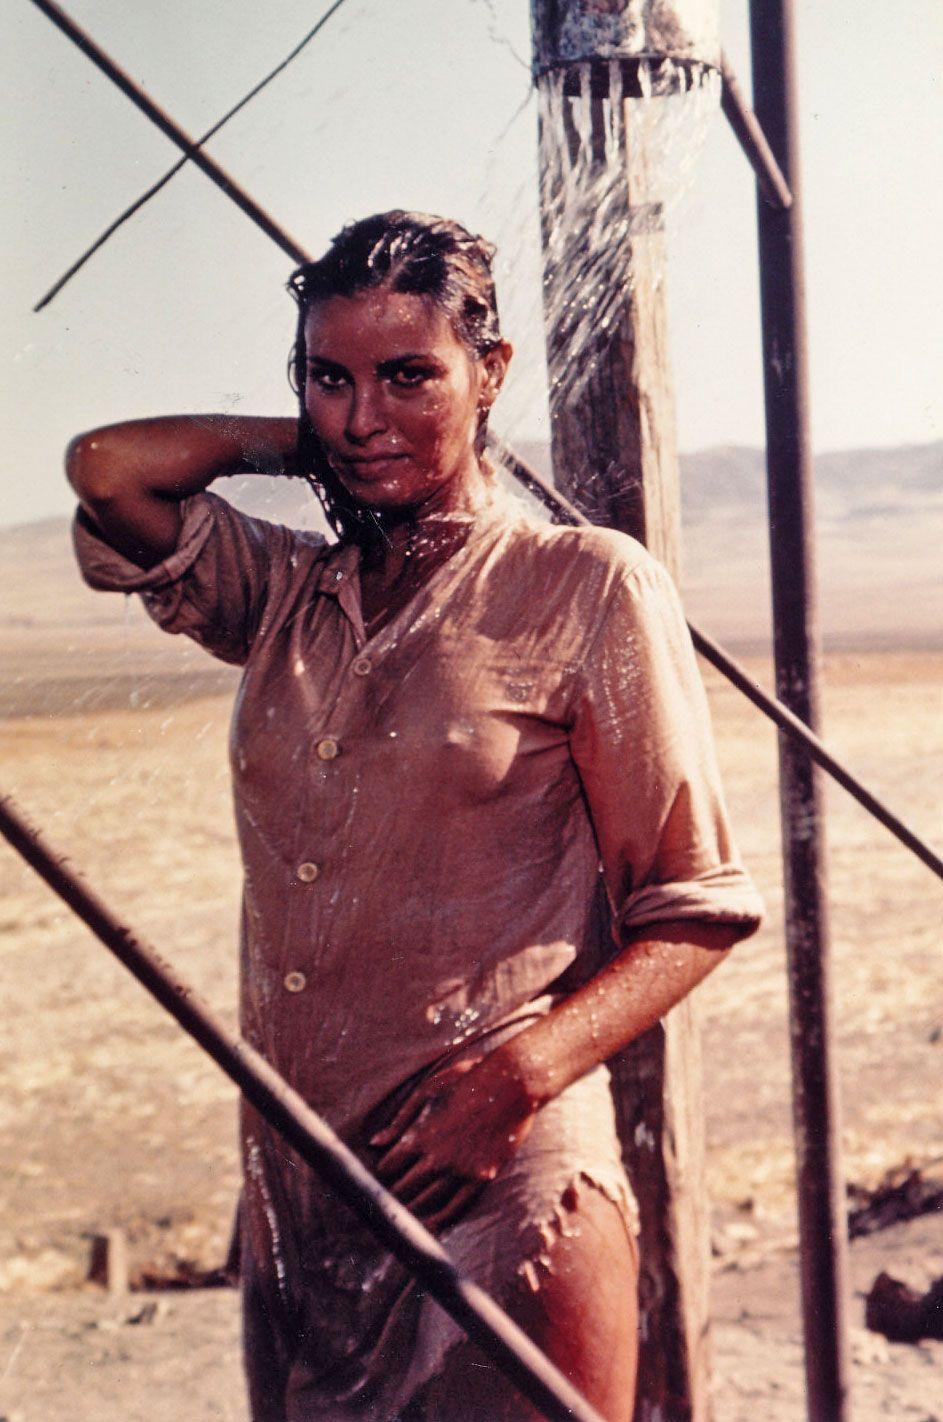 Vintageruminance Raquel Welch Taking An Outdoor Shower